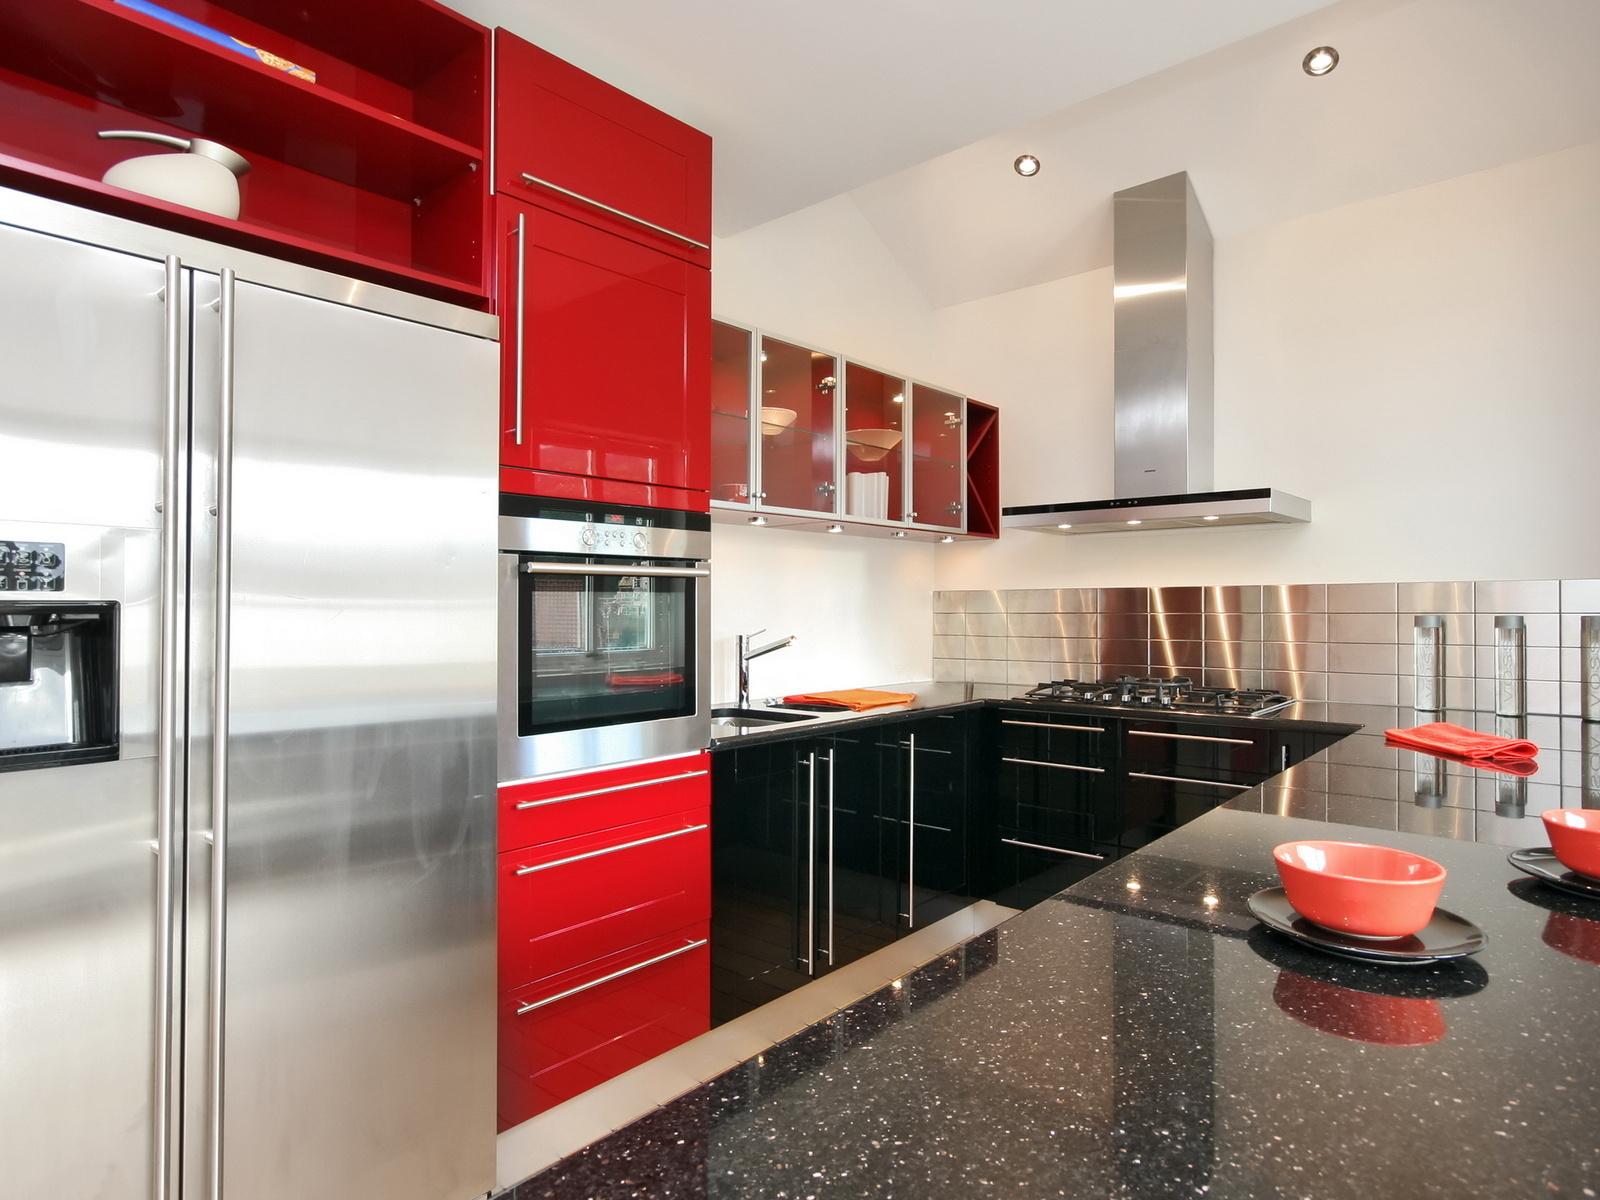 Белые стены и красно-черная кухня в стиле хай-тек